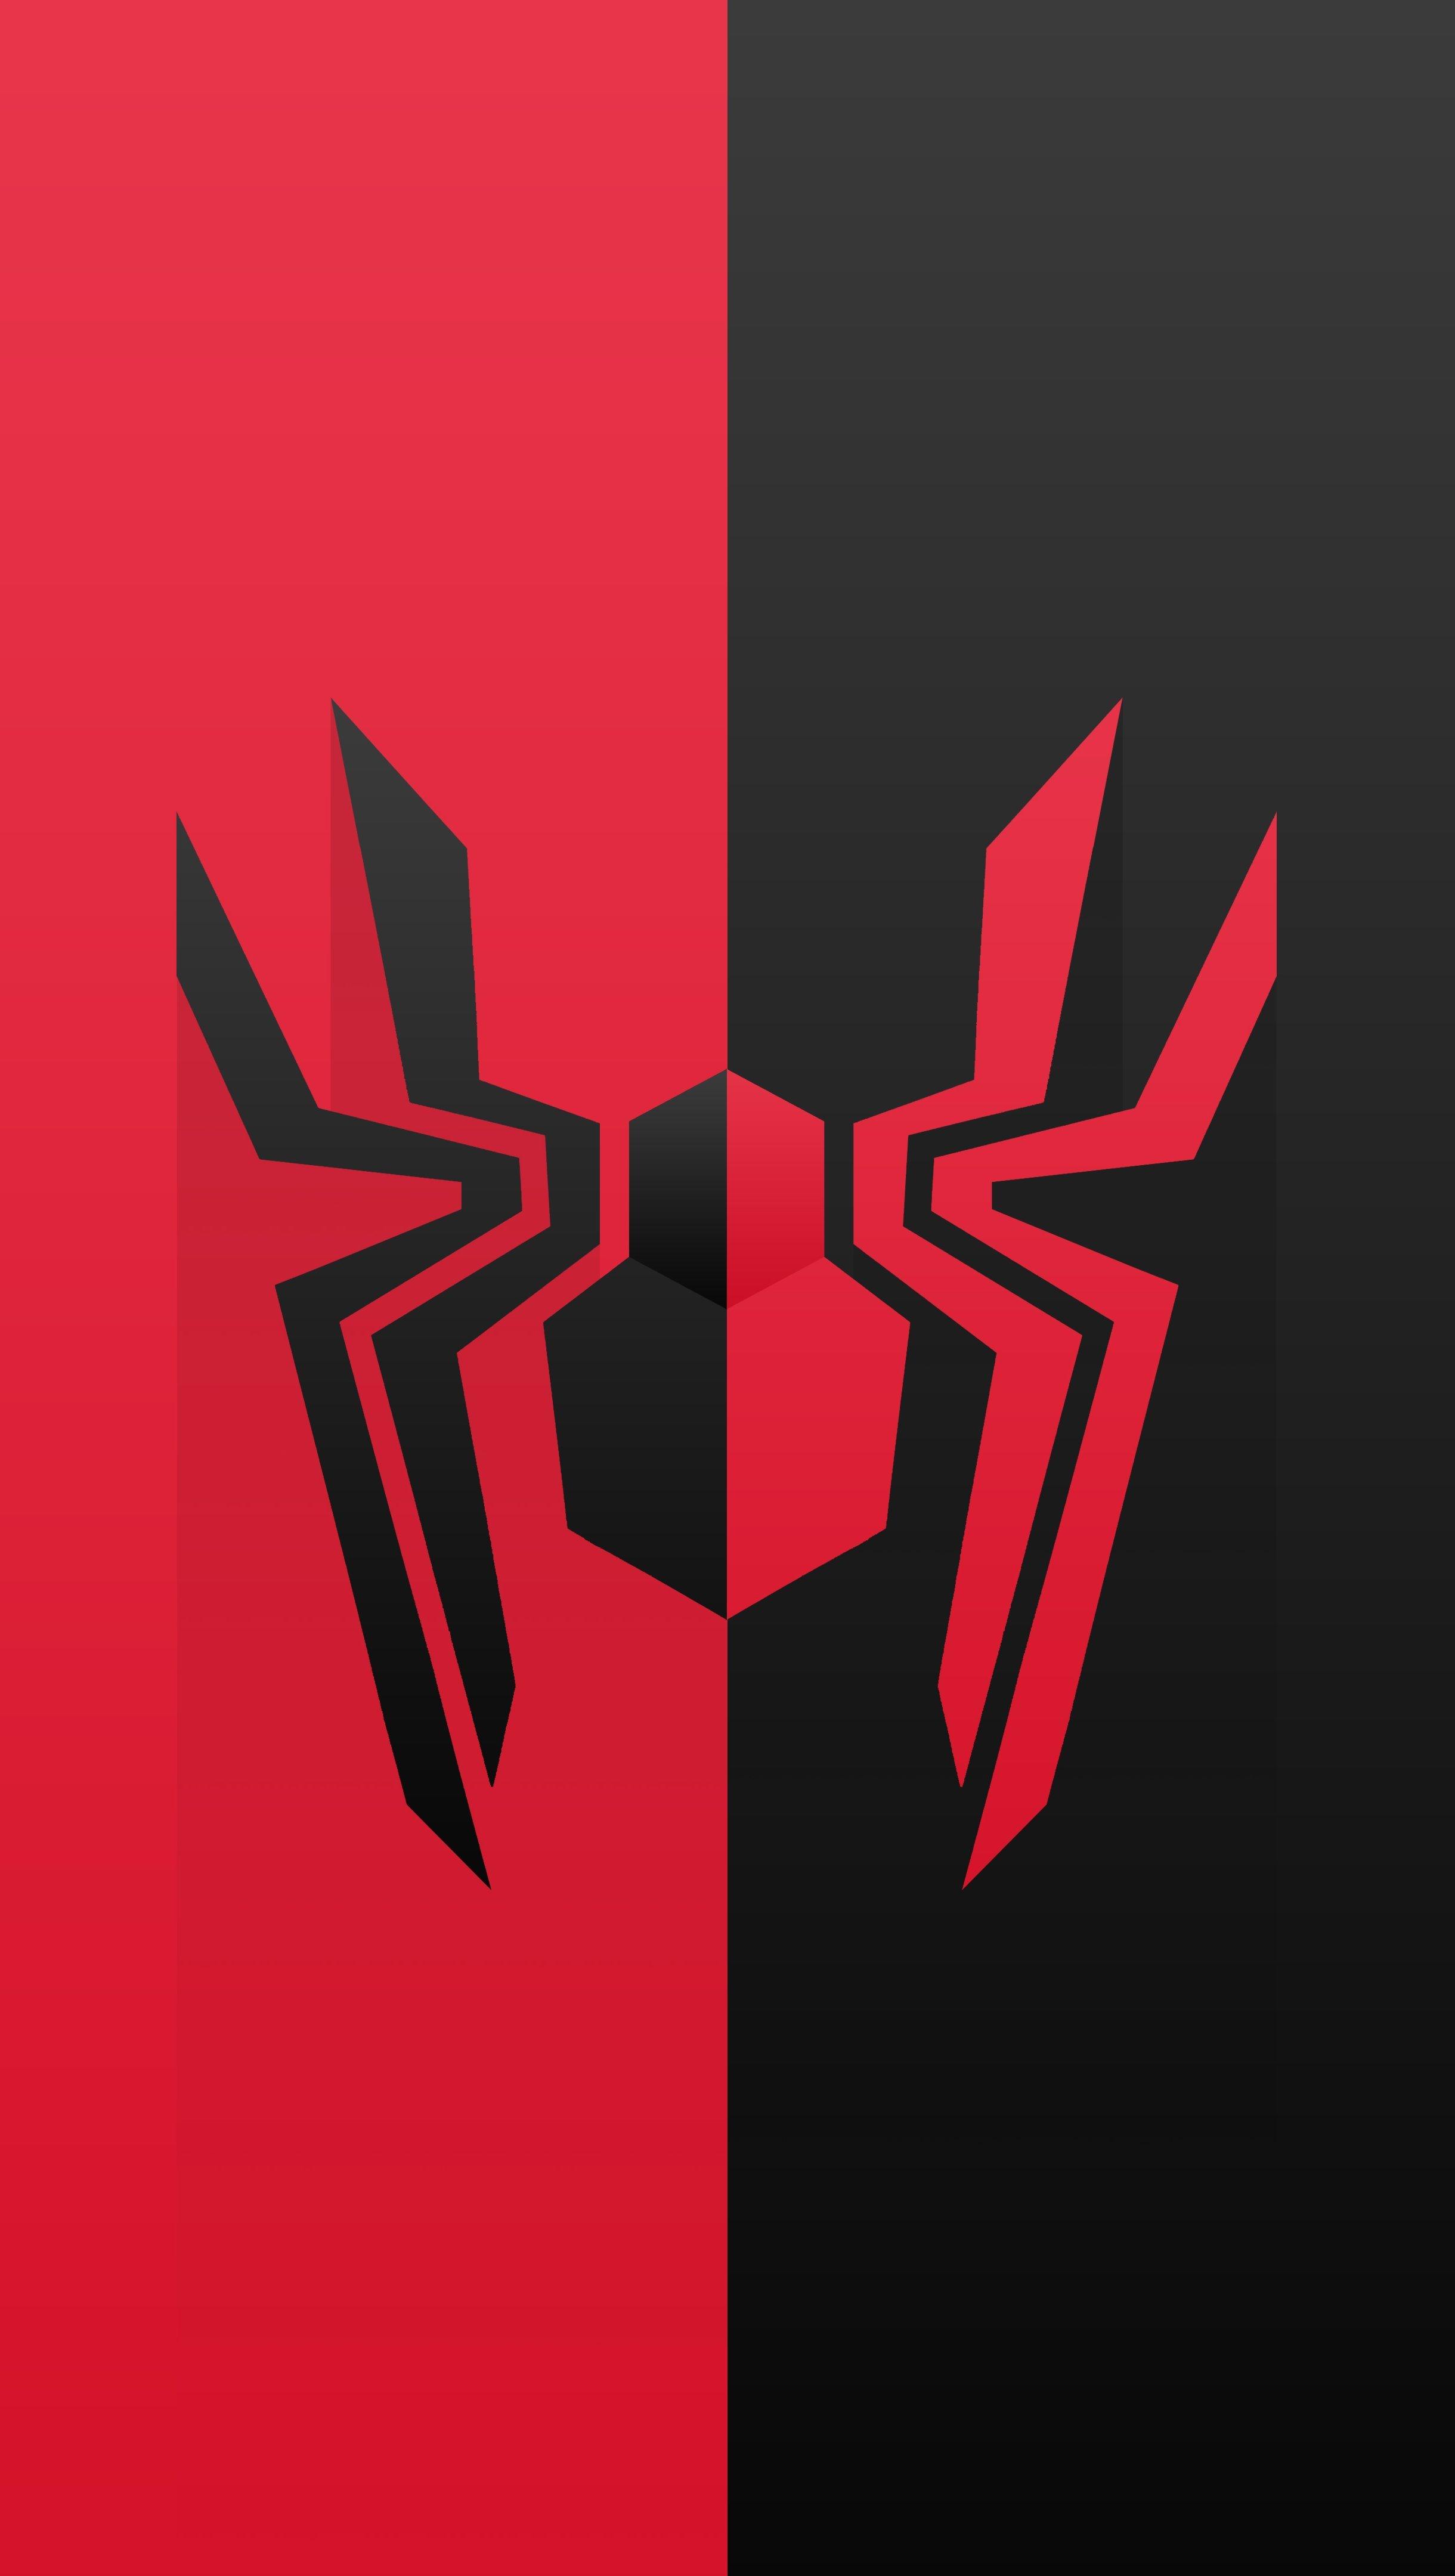 Wallpaper Spider from Spider Man Logo Vertical